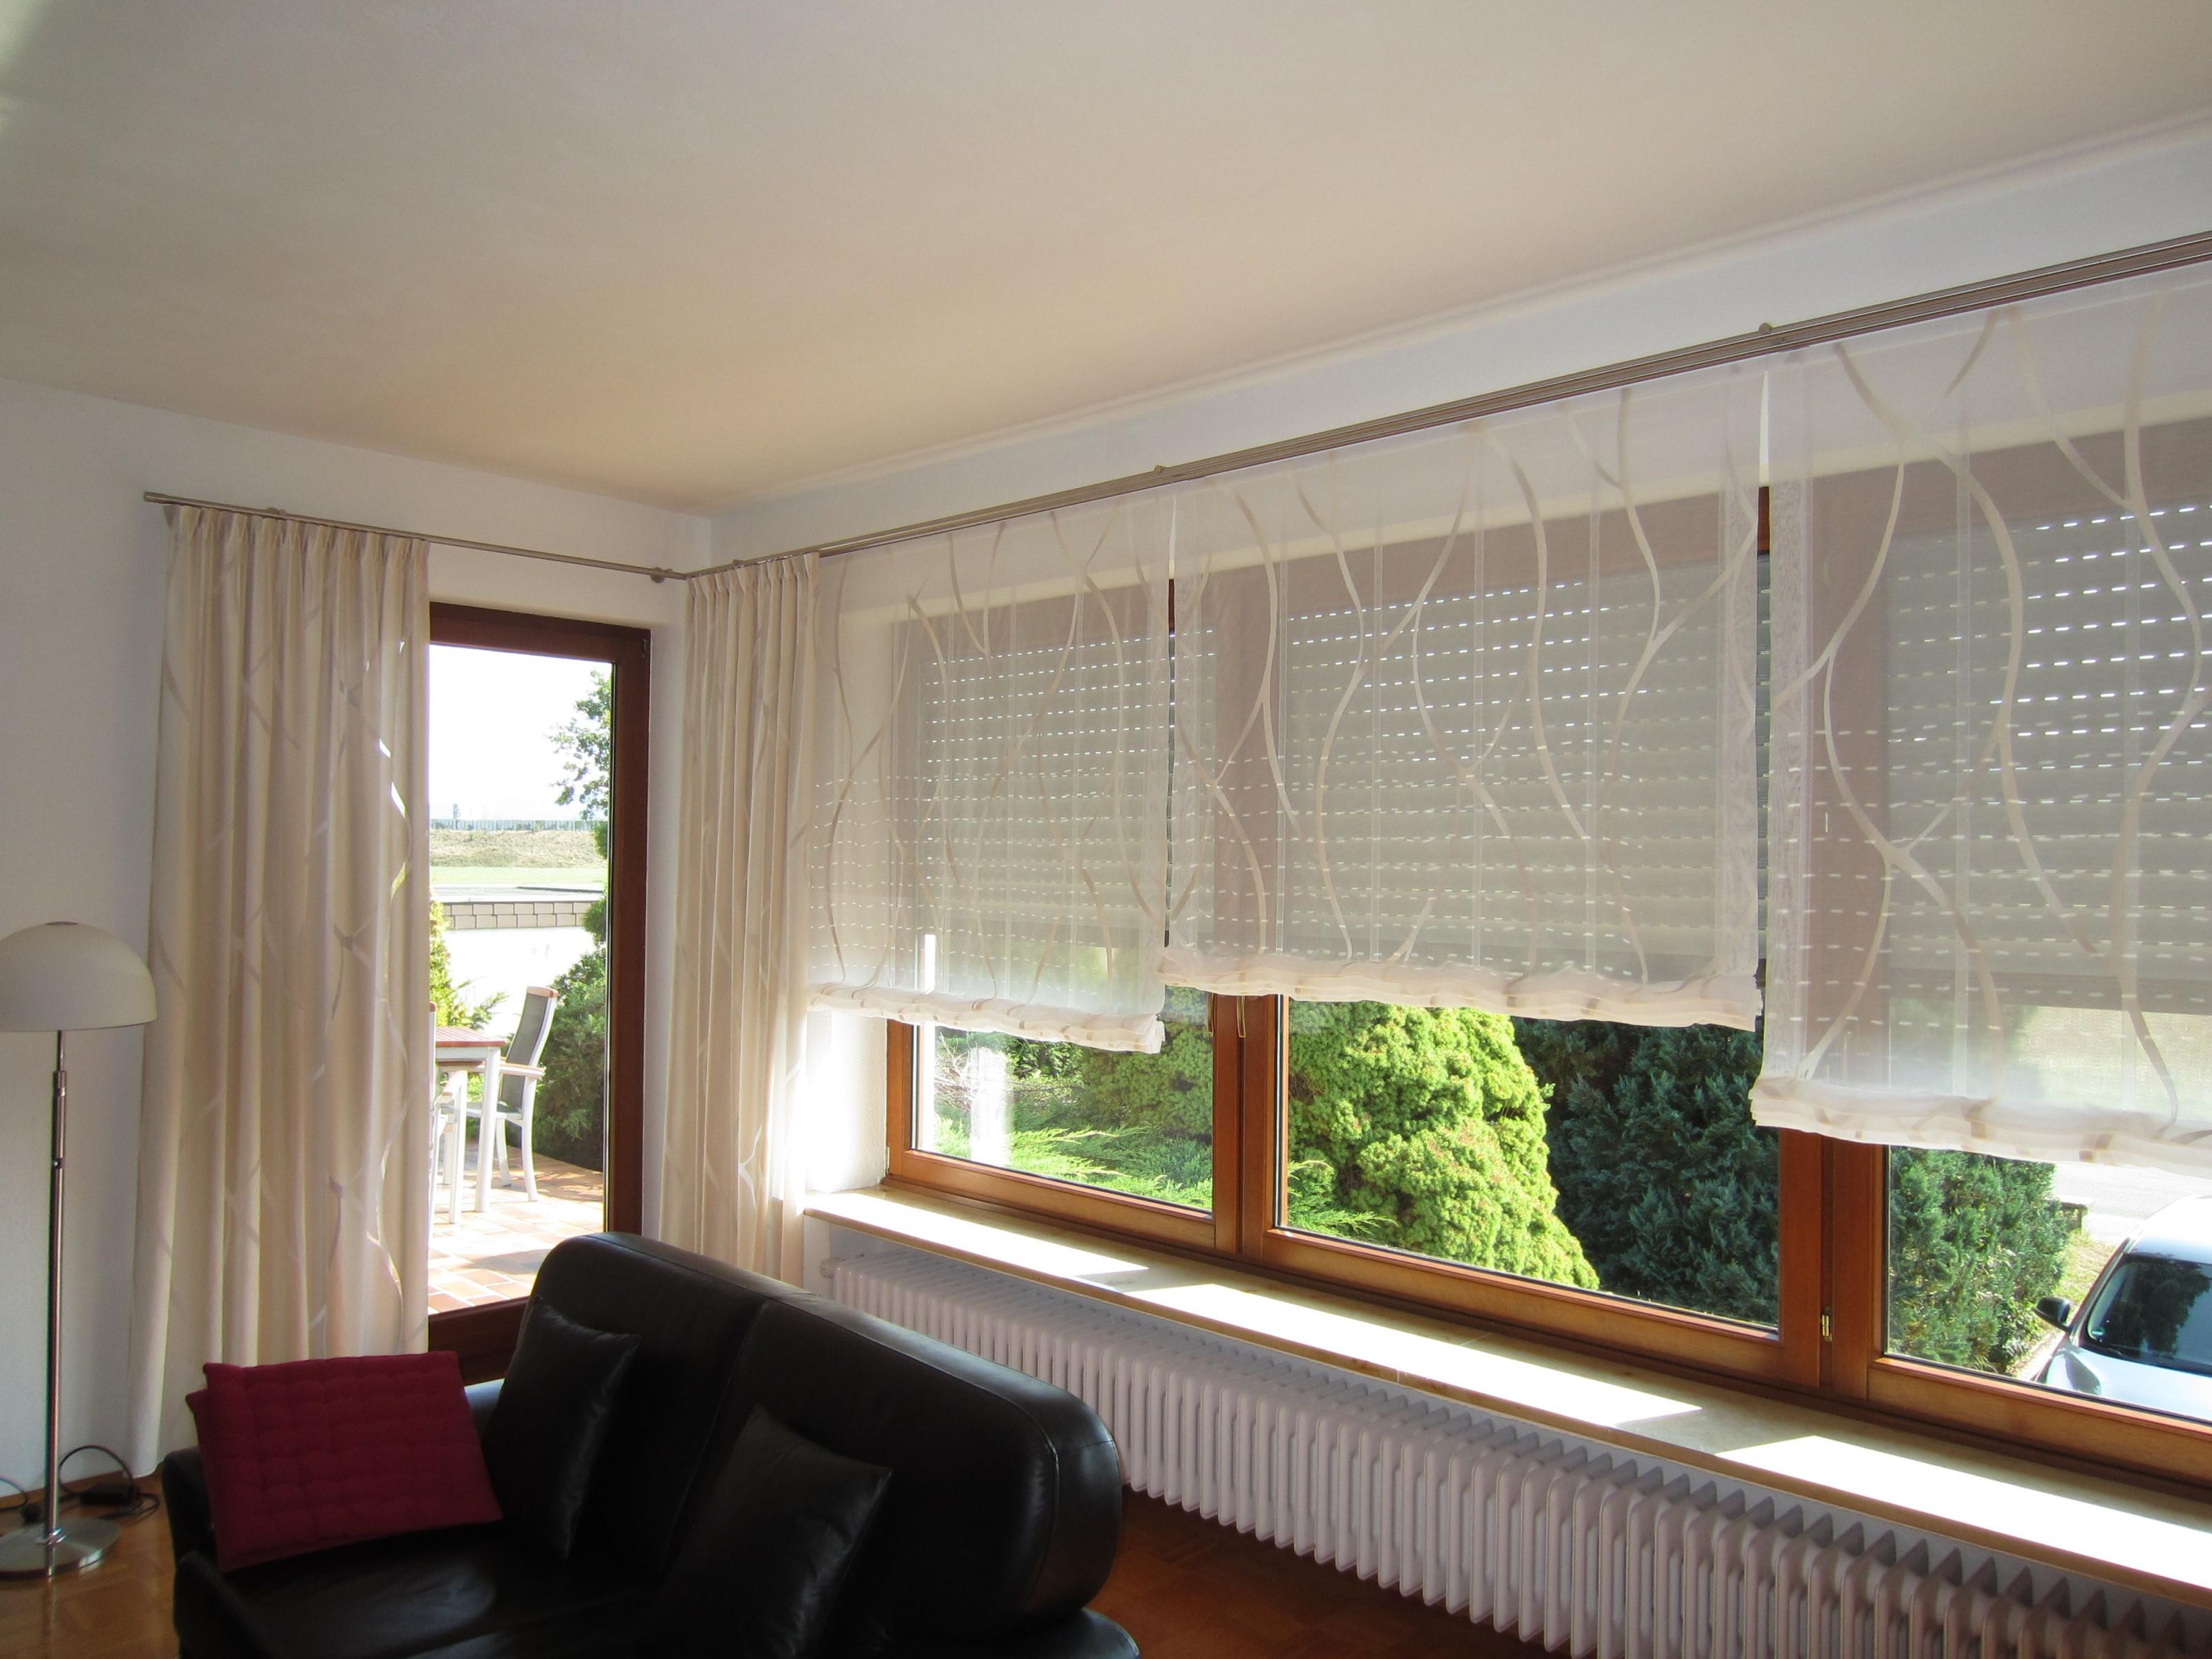 Gardinen  Vorhänge Für Die Kreise Lichtenfels Kulmbach von Gardinen Dekorationsvorschläge Wohnzimmer Modern Bild